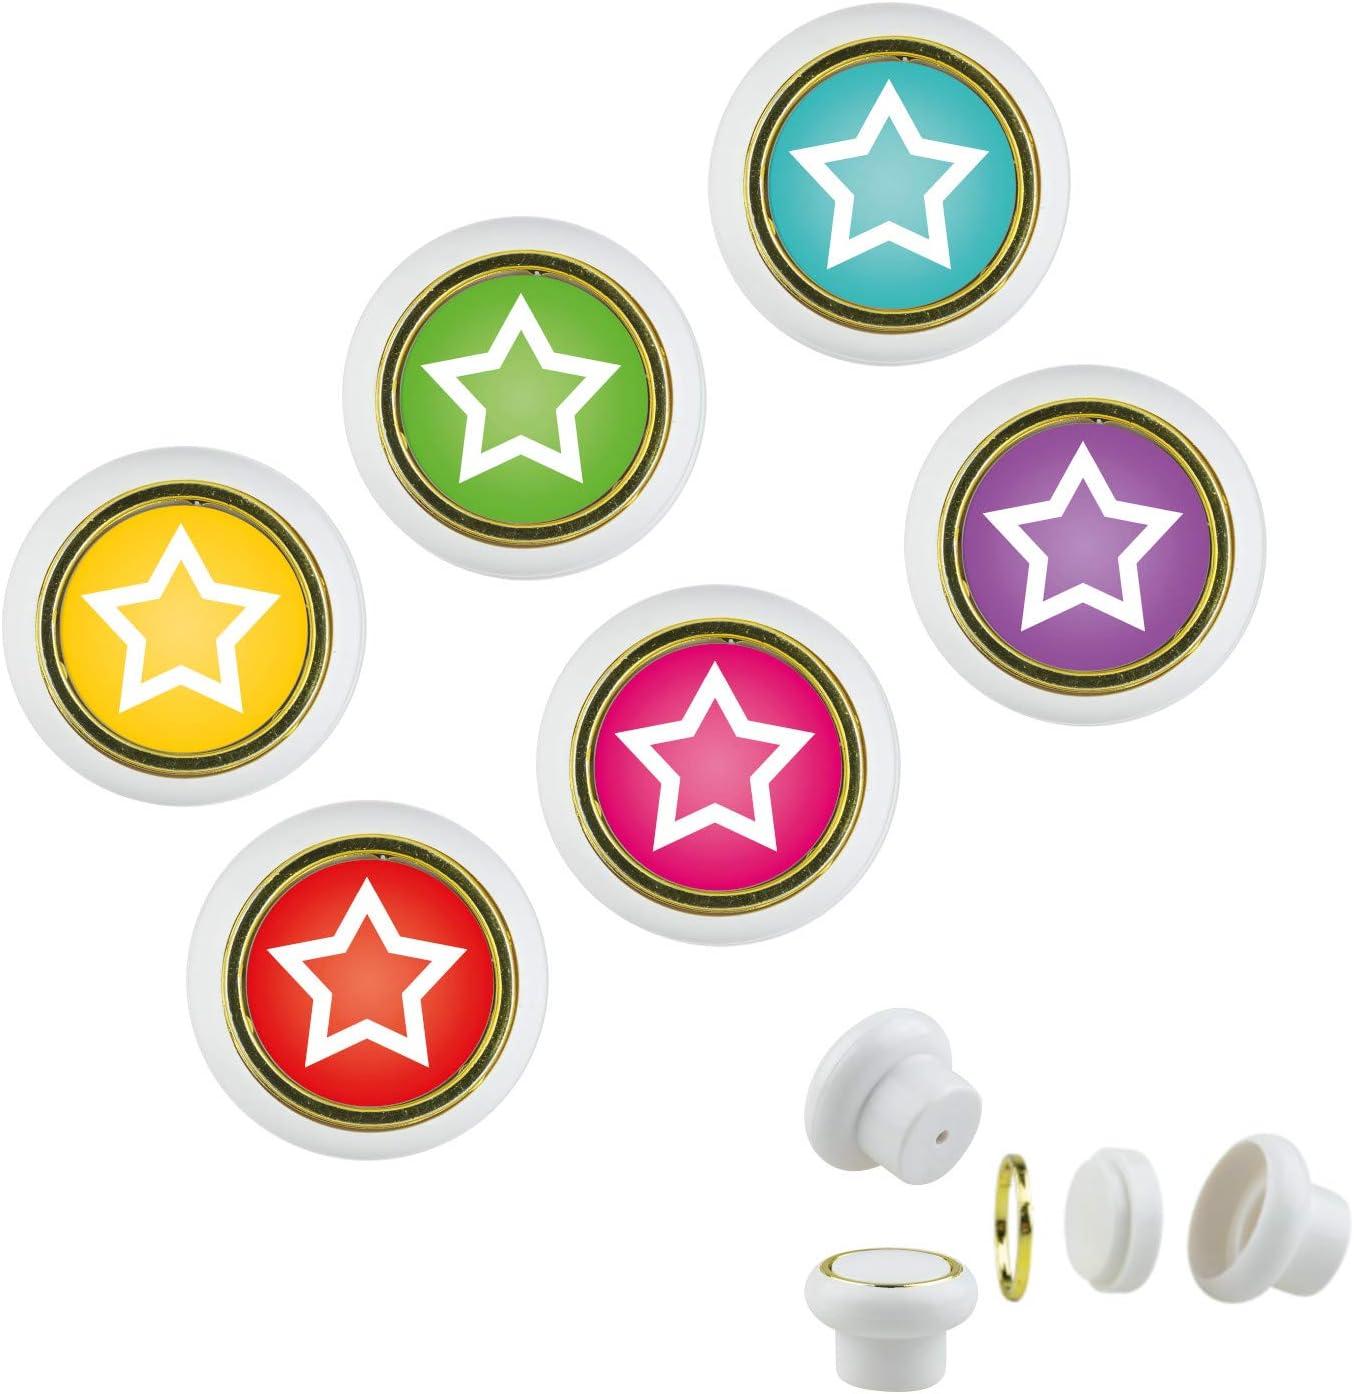 KST1035S Lot de 6 boutons de meuble en plastique Motif t/ête de mort Multicolore